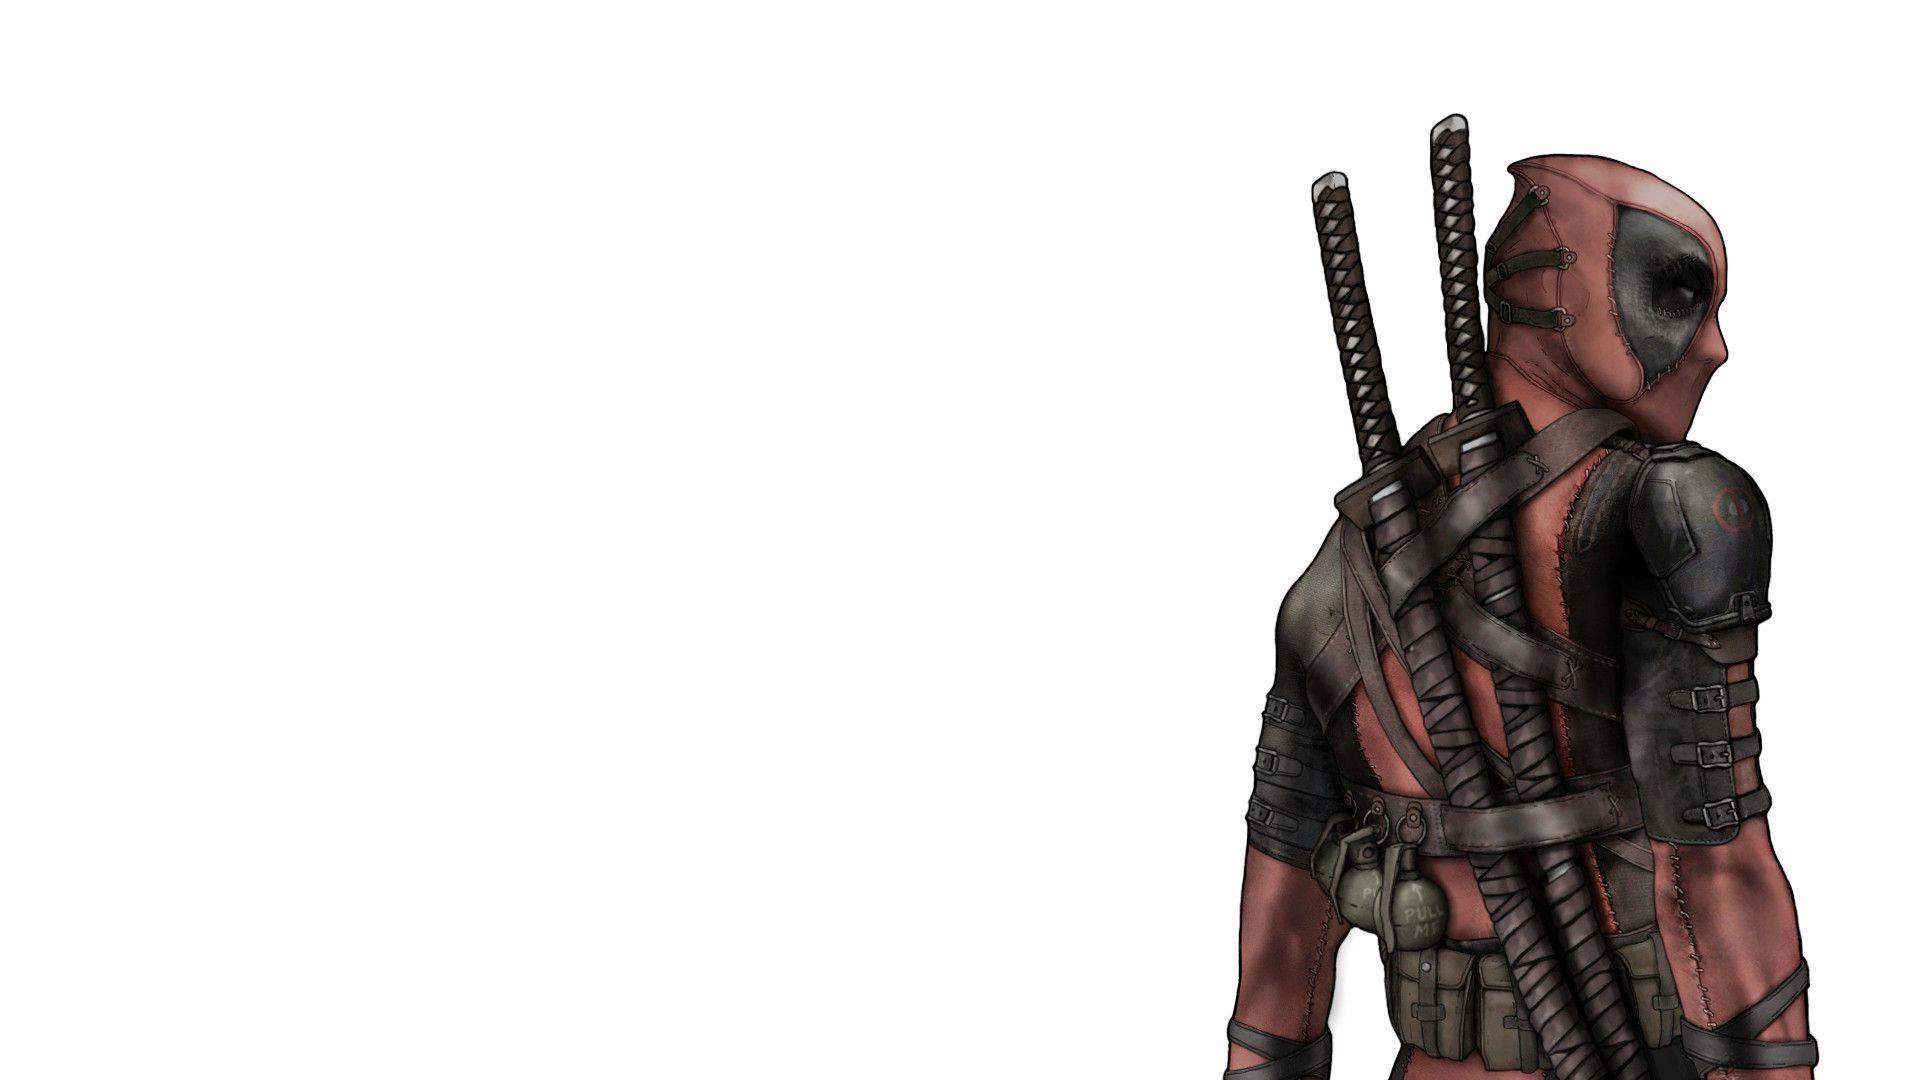 Deadpool Marvel wallpaper - 982715